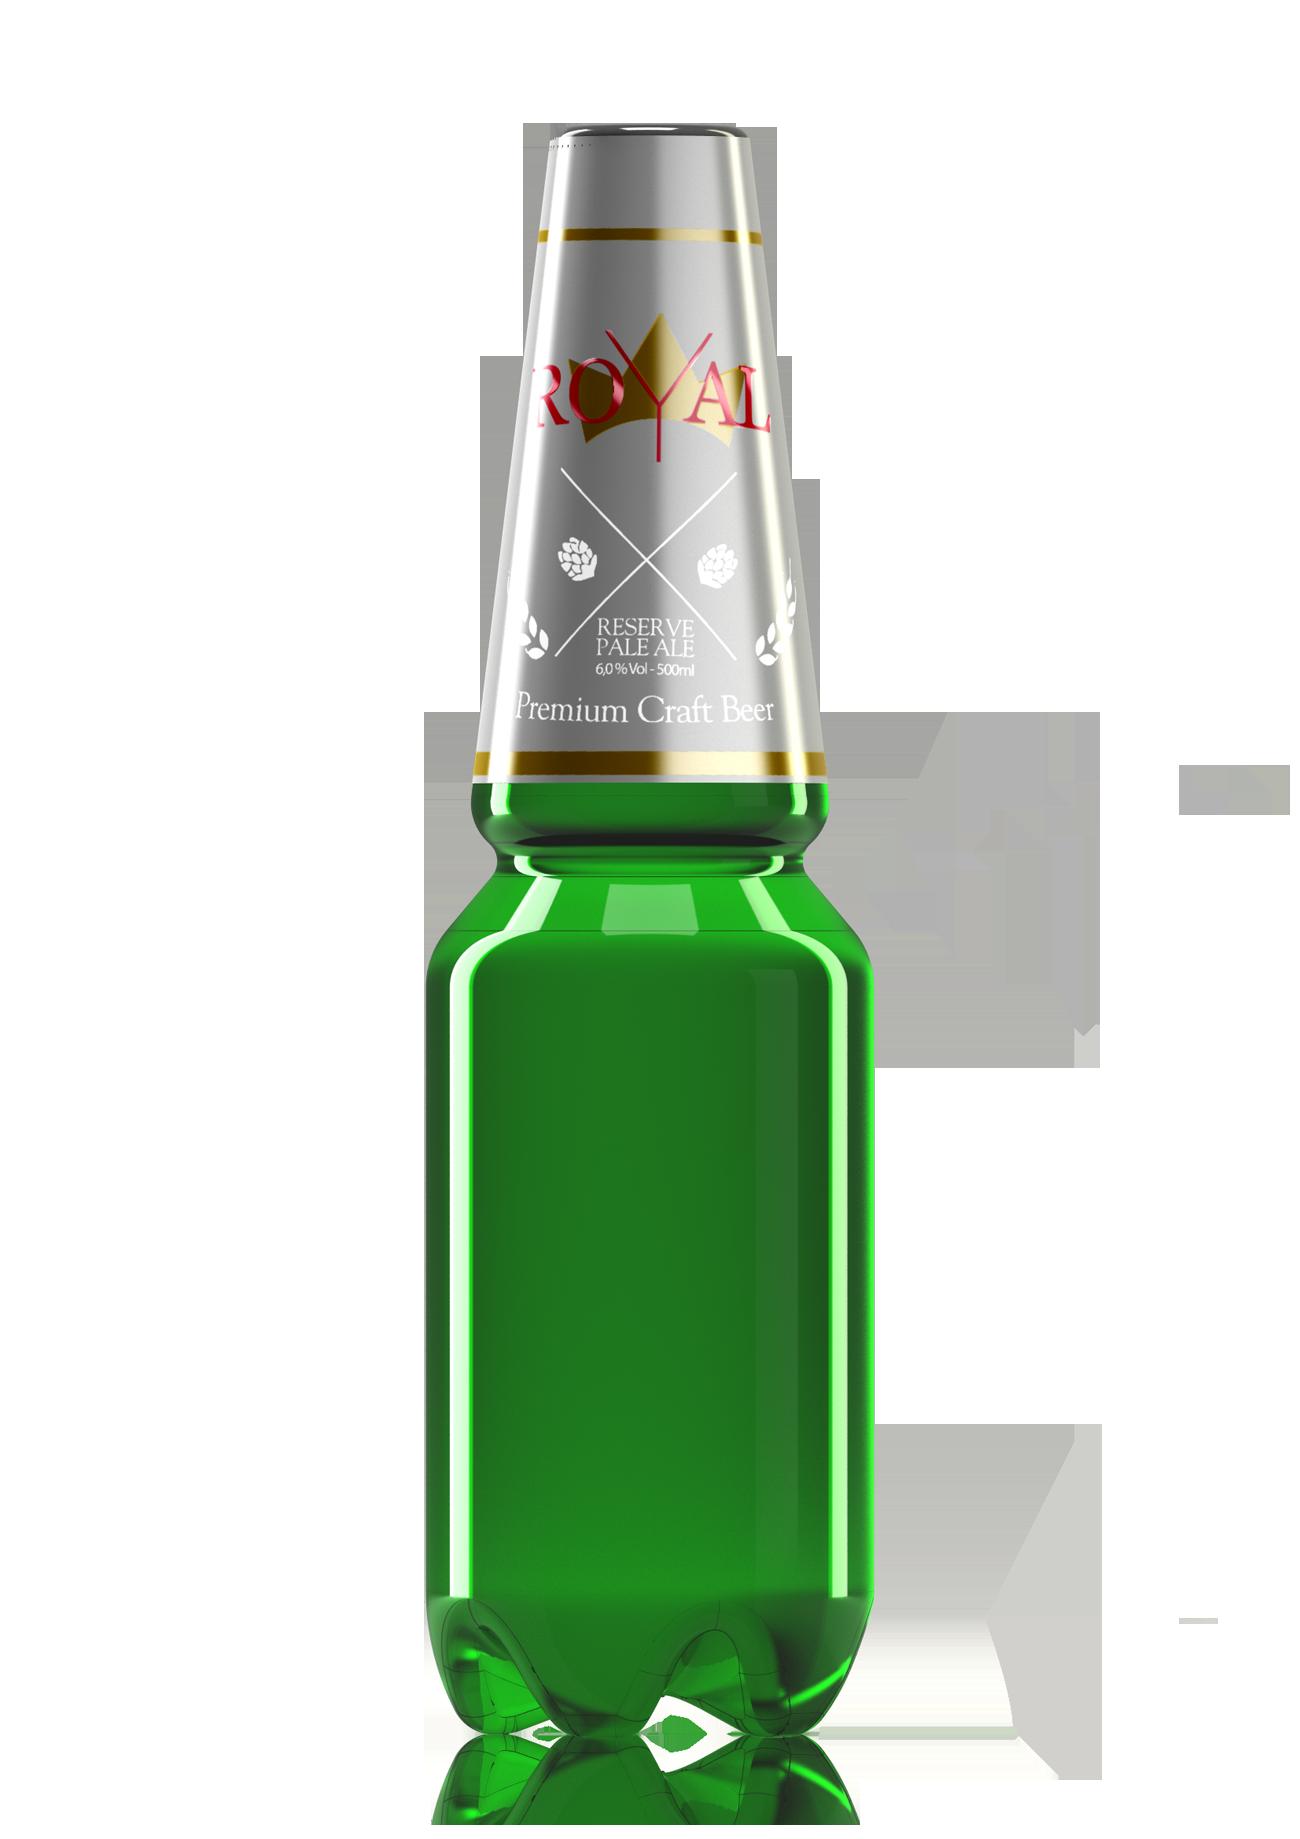 La birra si veste di nuovo - Imbottigliamento